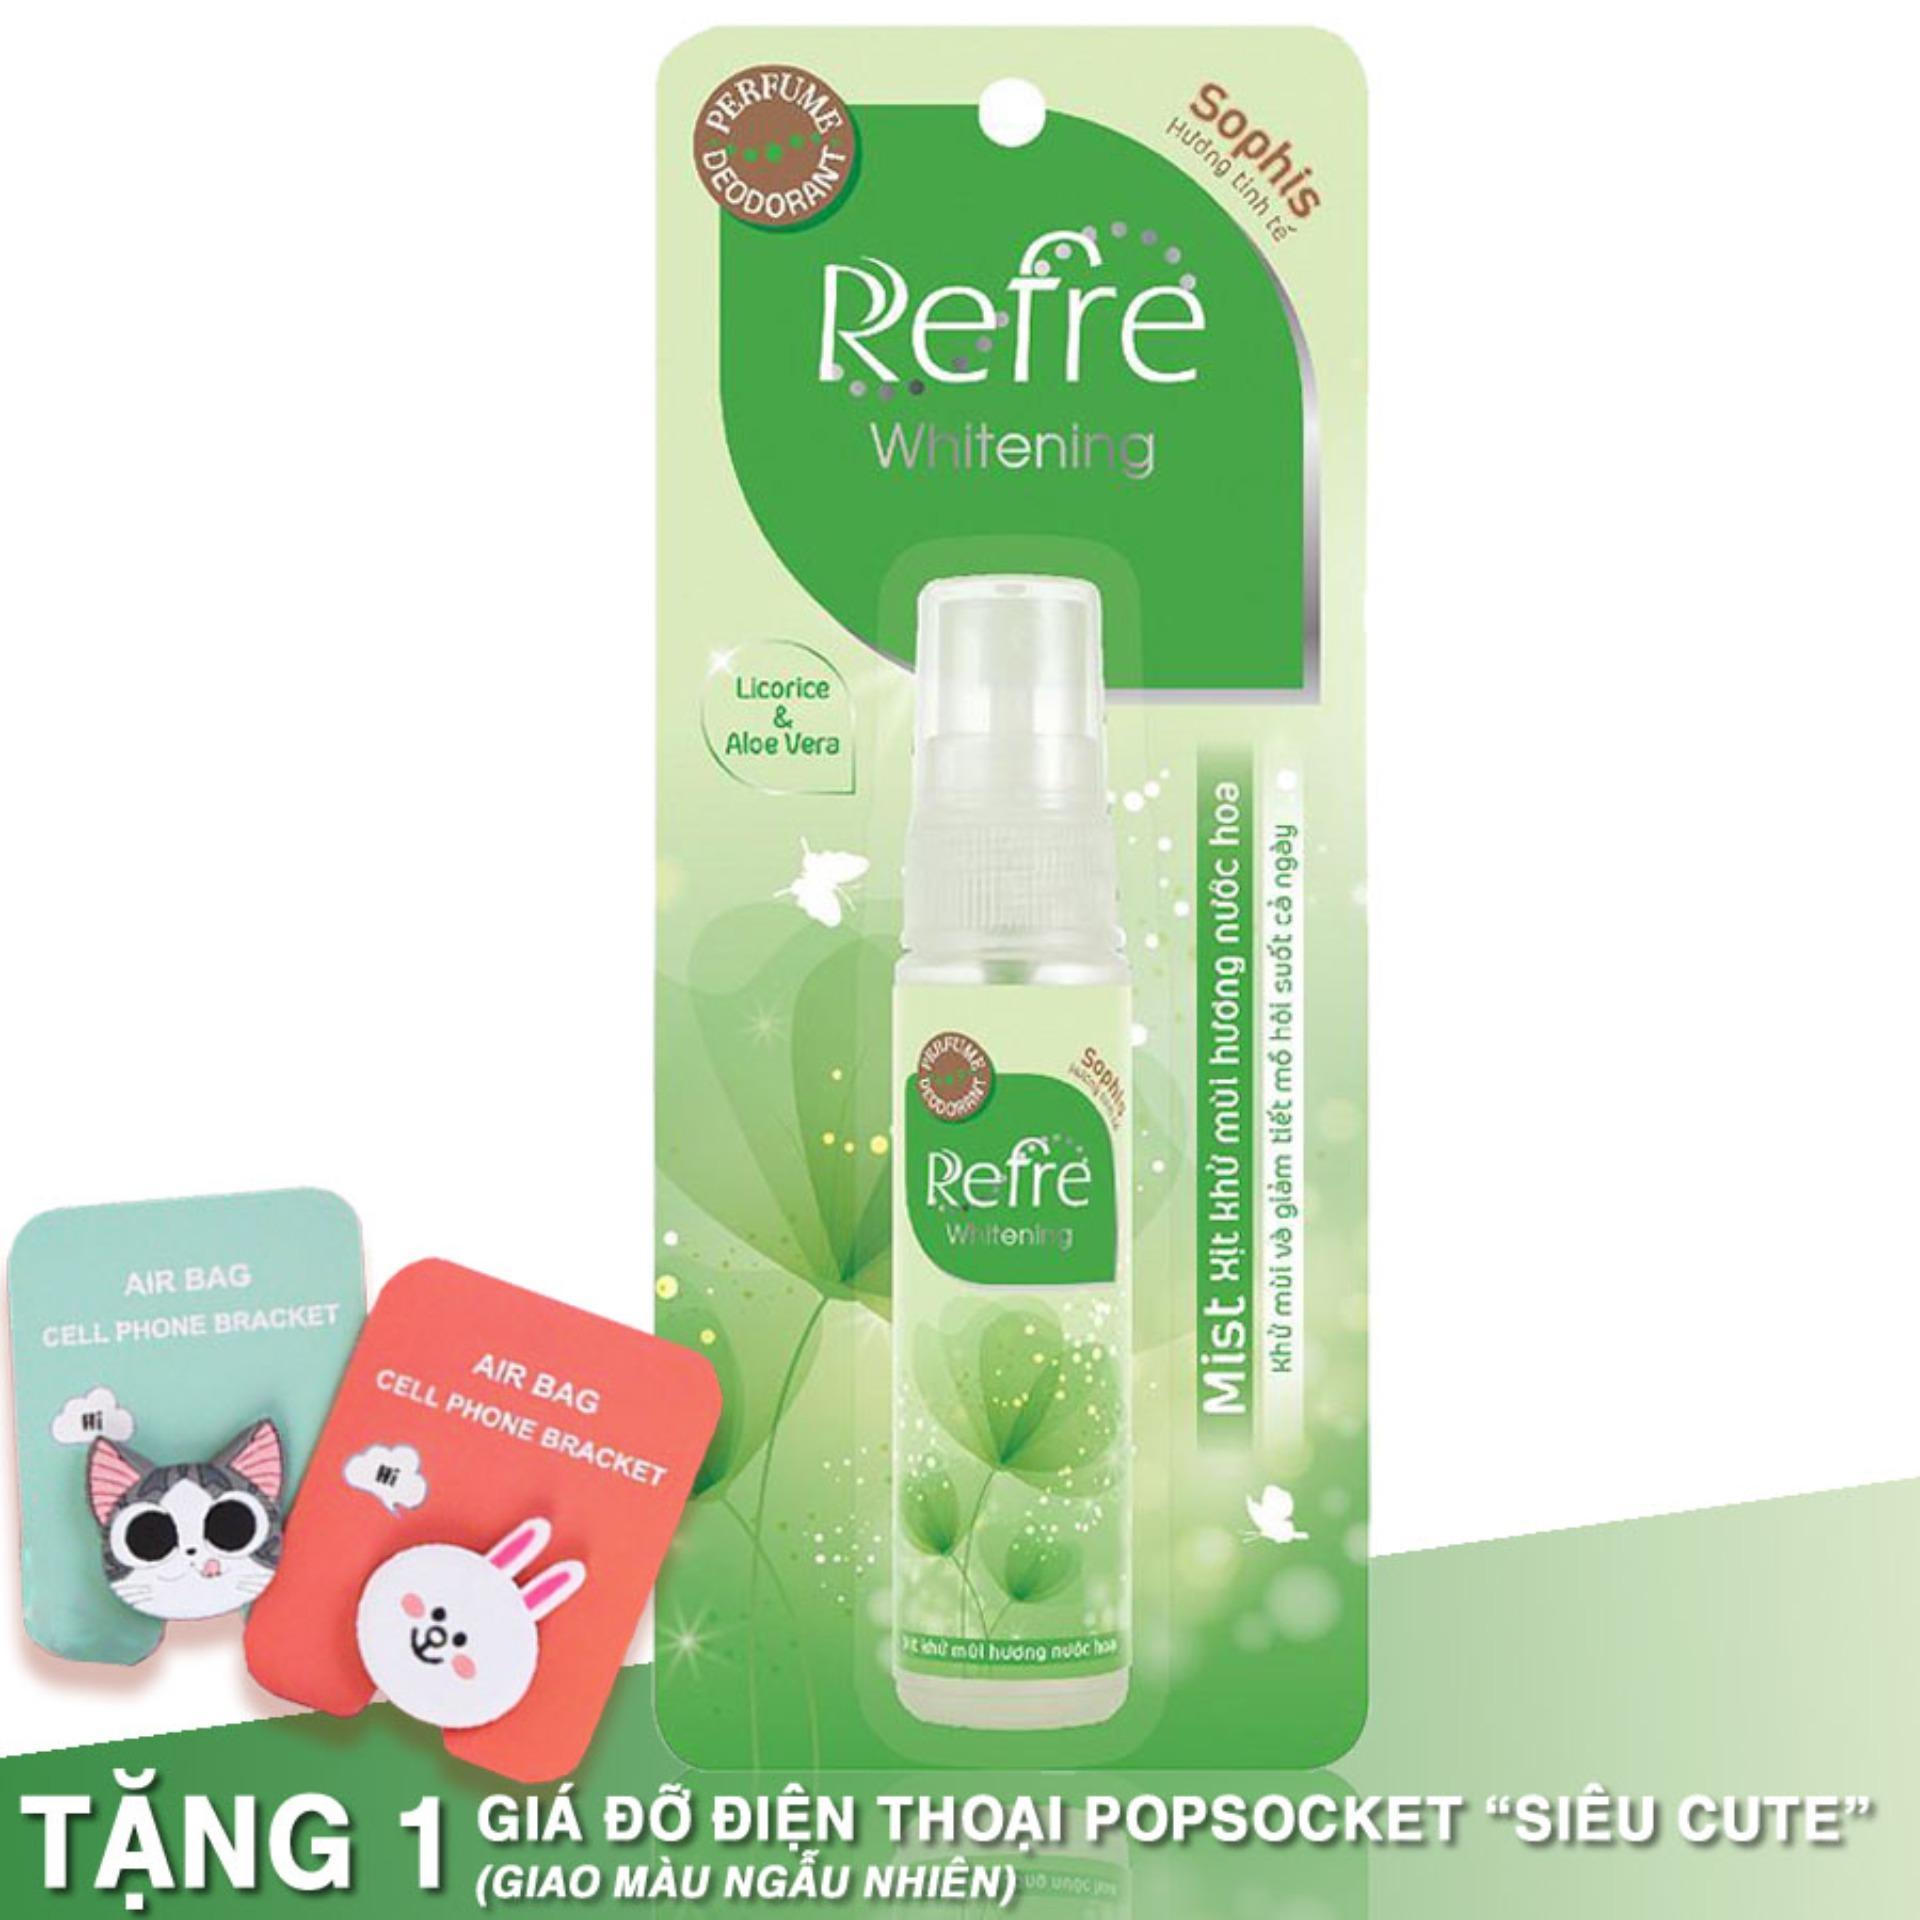 Xịt khử mùi hương nước hoa Refre Whiterning Sophis (Hương tinh tế) 30ml nhập khẩu